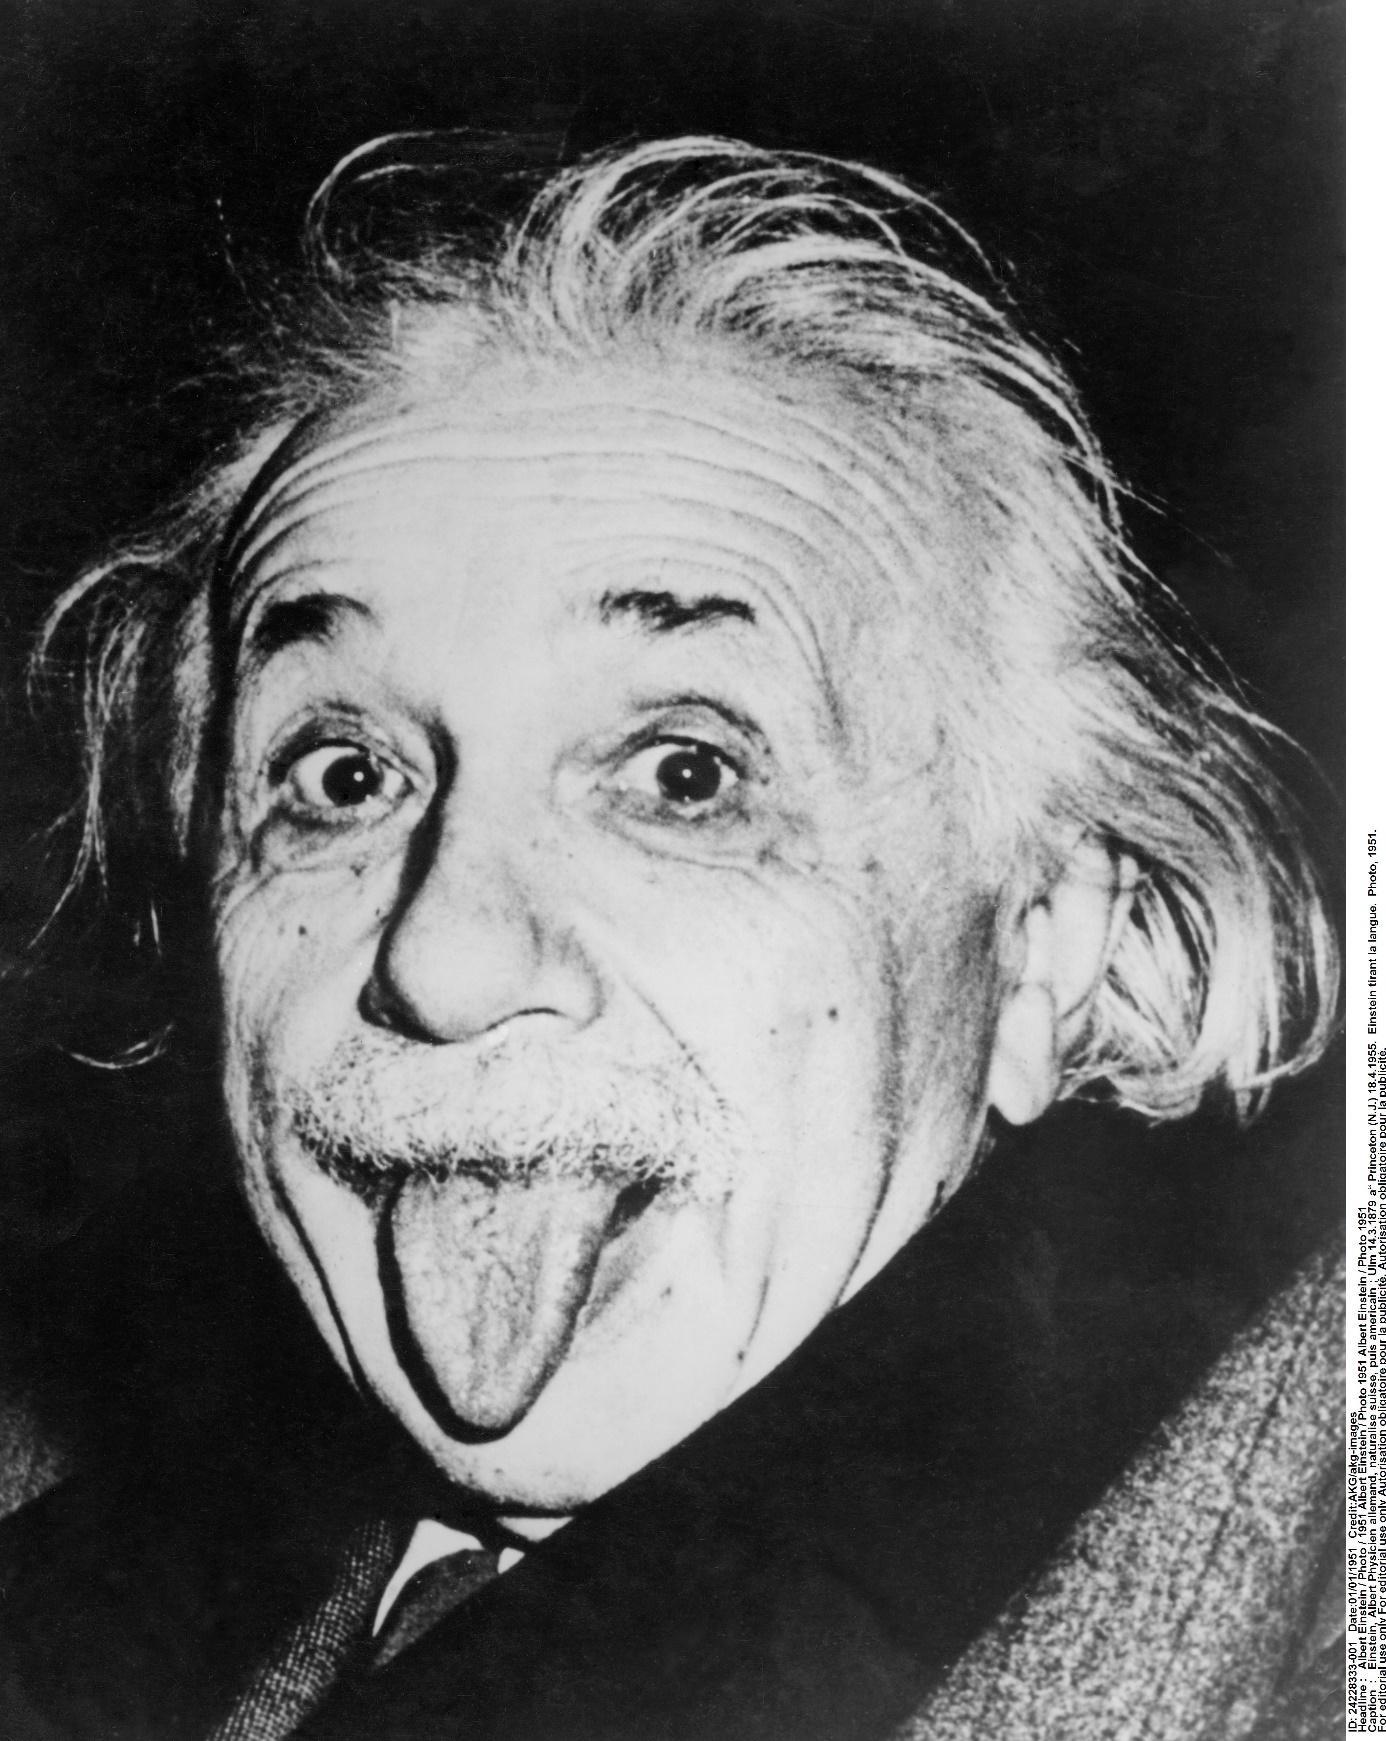 Albetrt Einstein, een notoire dwarsdenker ( Bron Isopix)